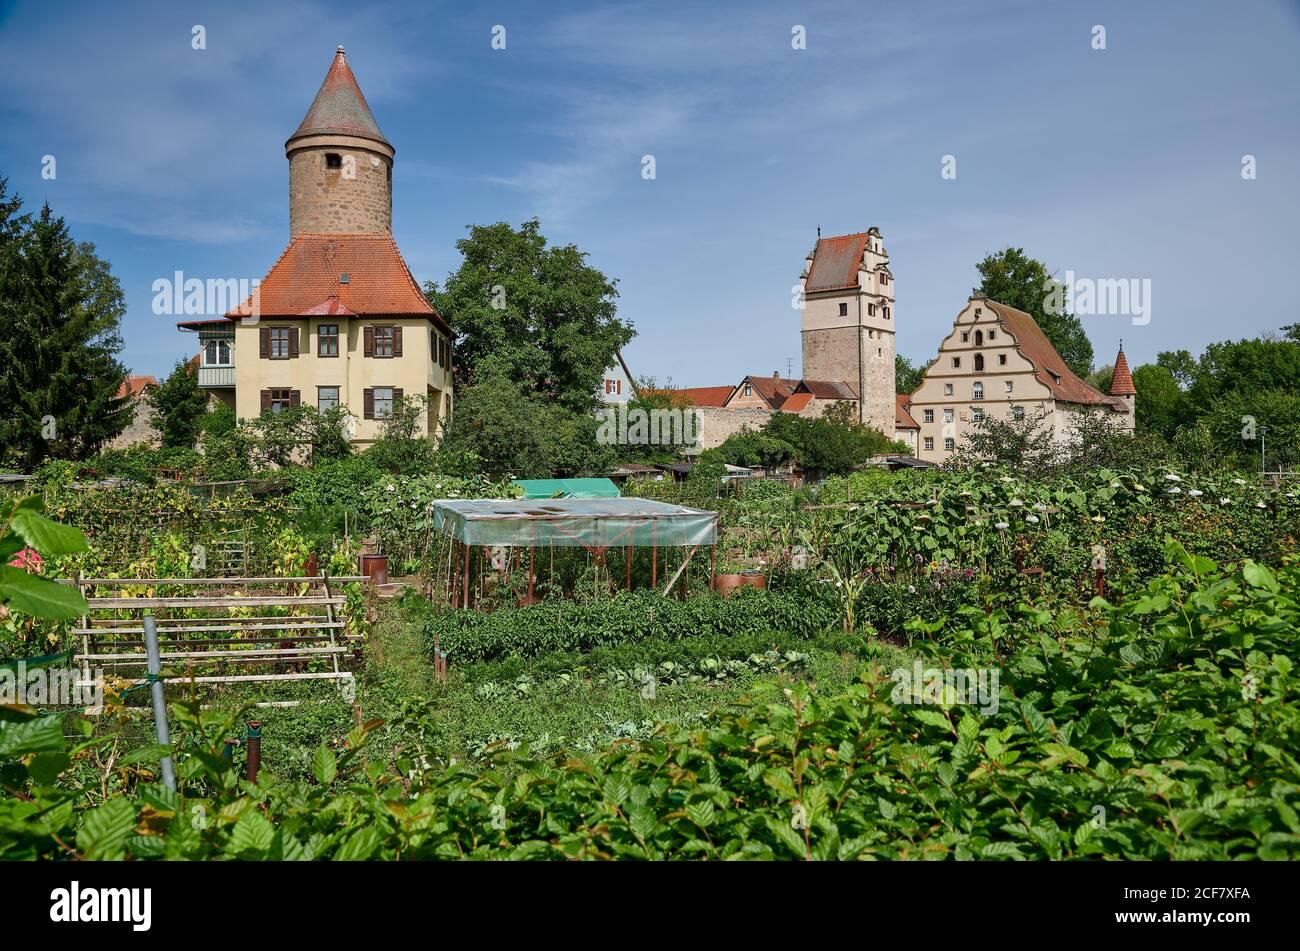 Salwarten tower and gardens in front, Nördlinger Tor behind, Dinkelsbuhl, Central Franconia, Bavaria, Germany Stock Photo